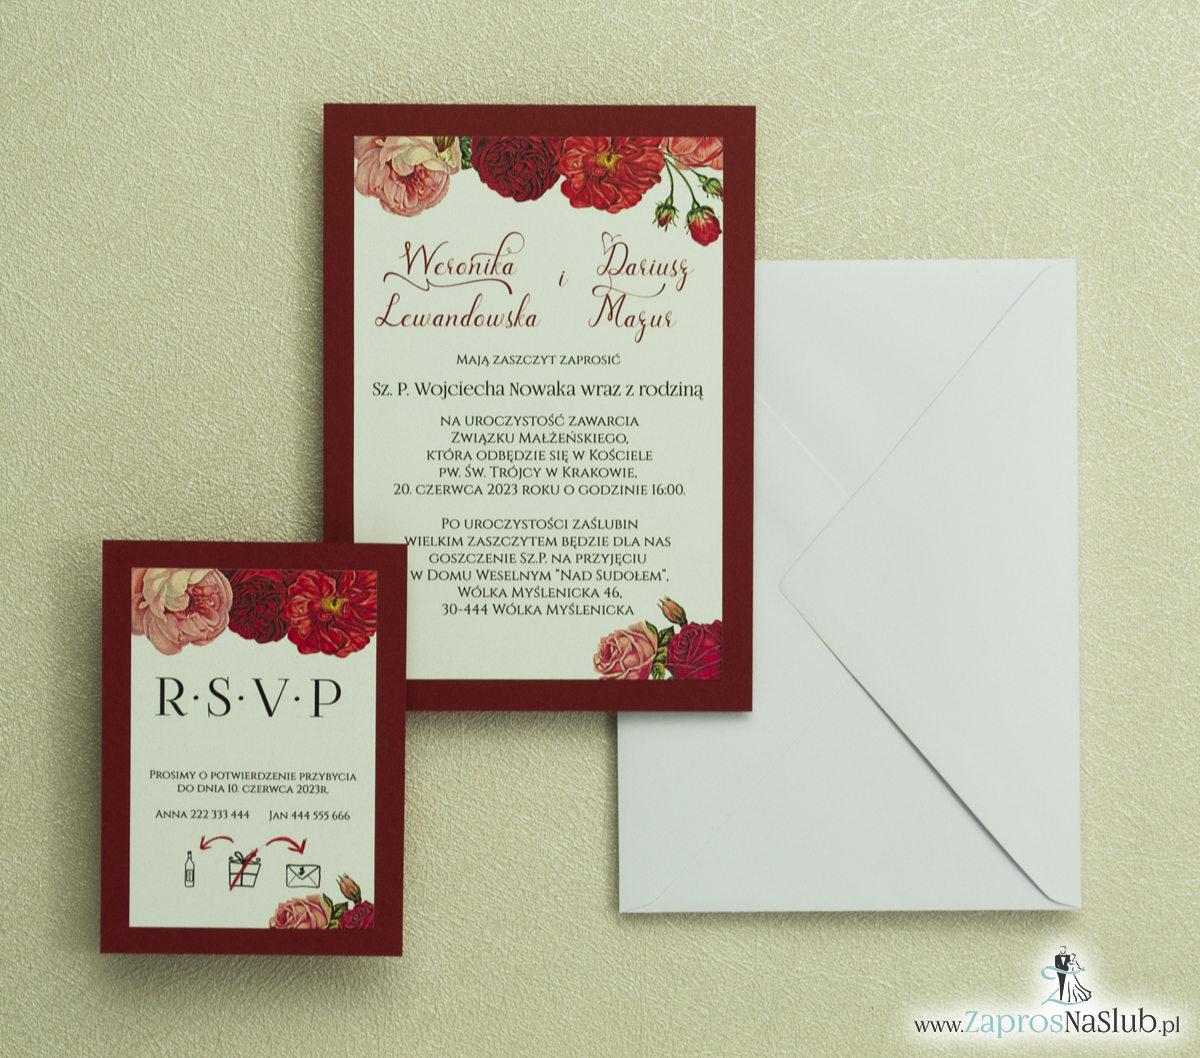 Zaproszenia ślubne kwiatowe/z kwiatami - ZaprosNaSlub - Zaproszenia ślubne